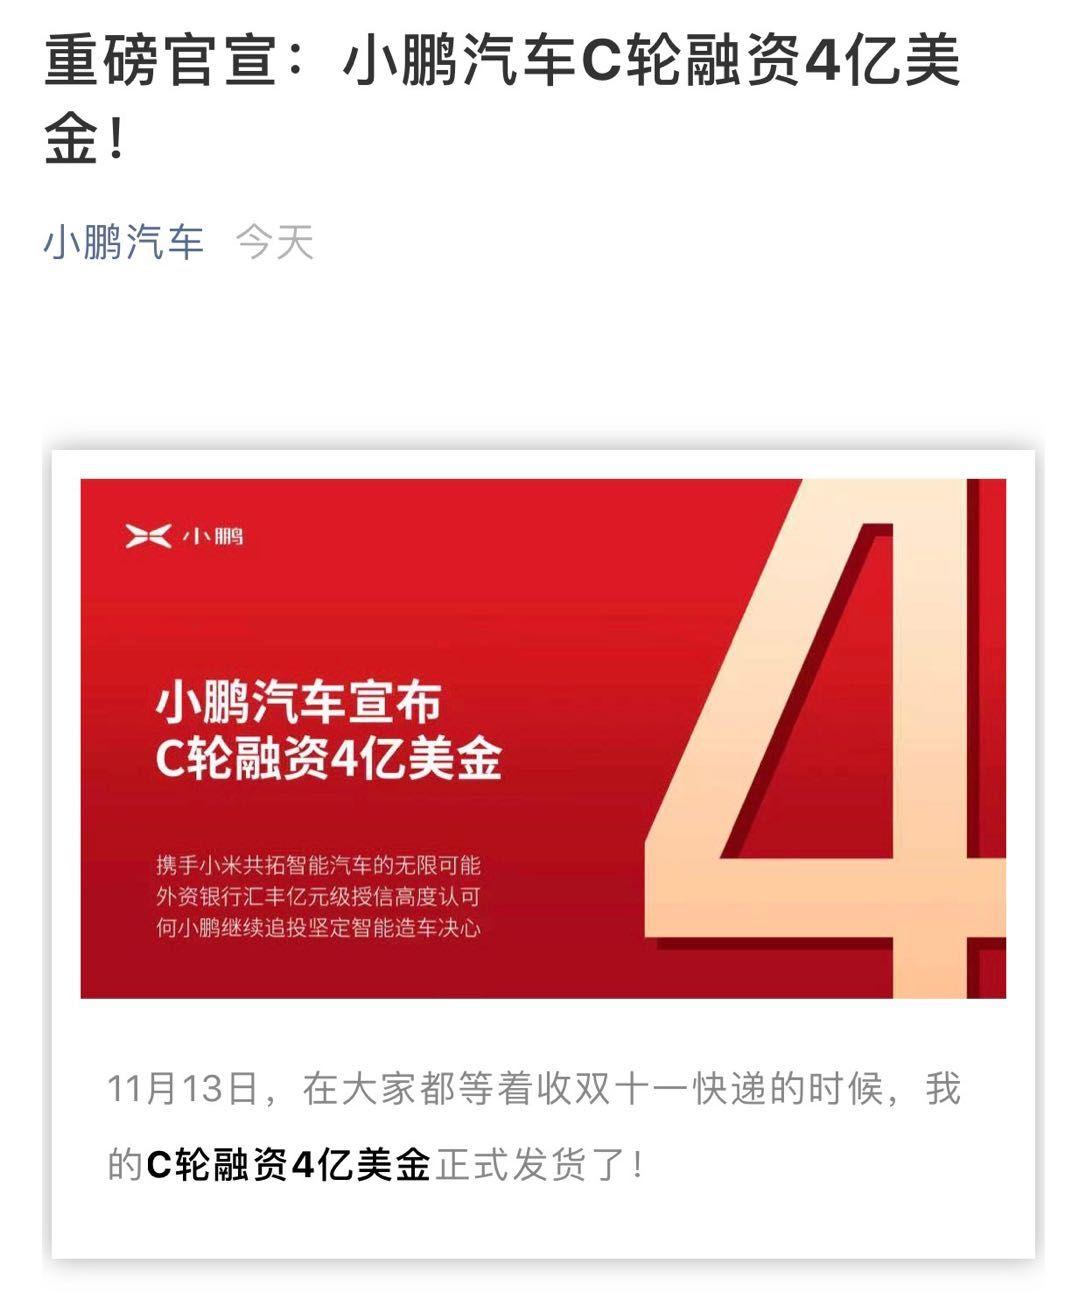 百盛娱乐场首页,天弘基金:量能放大 科技板受追捧